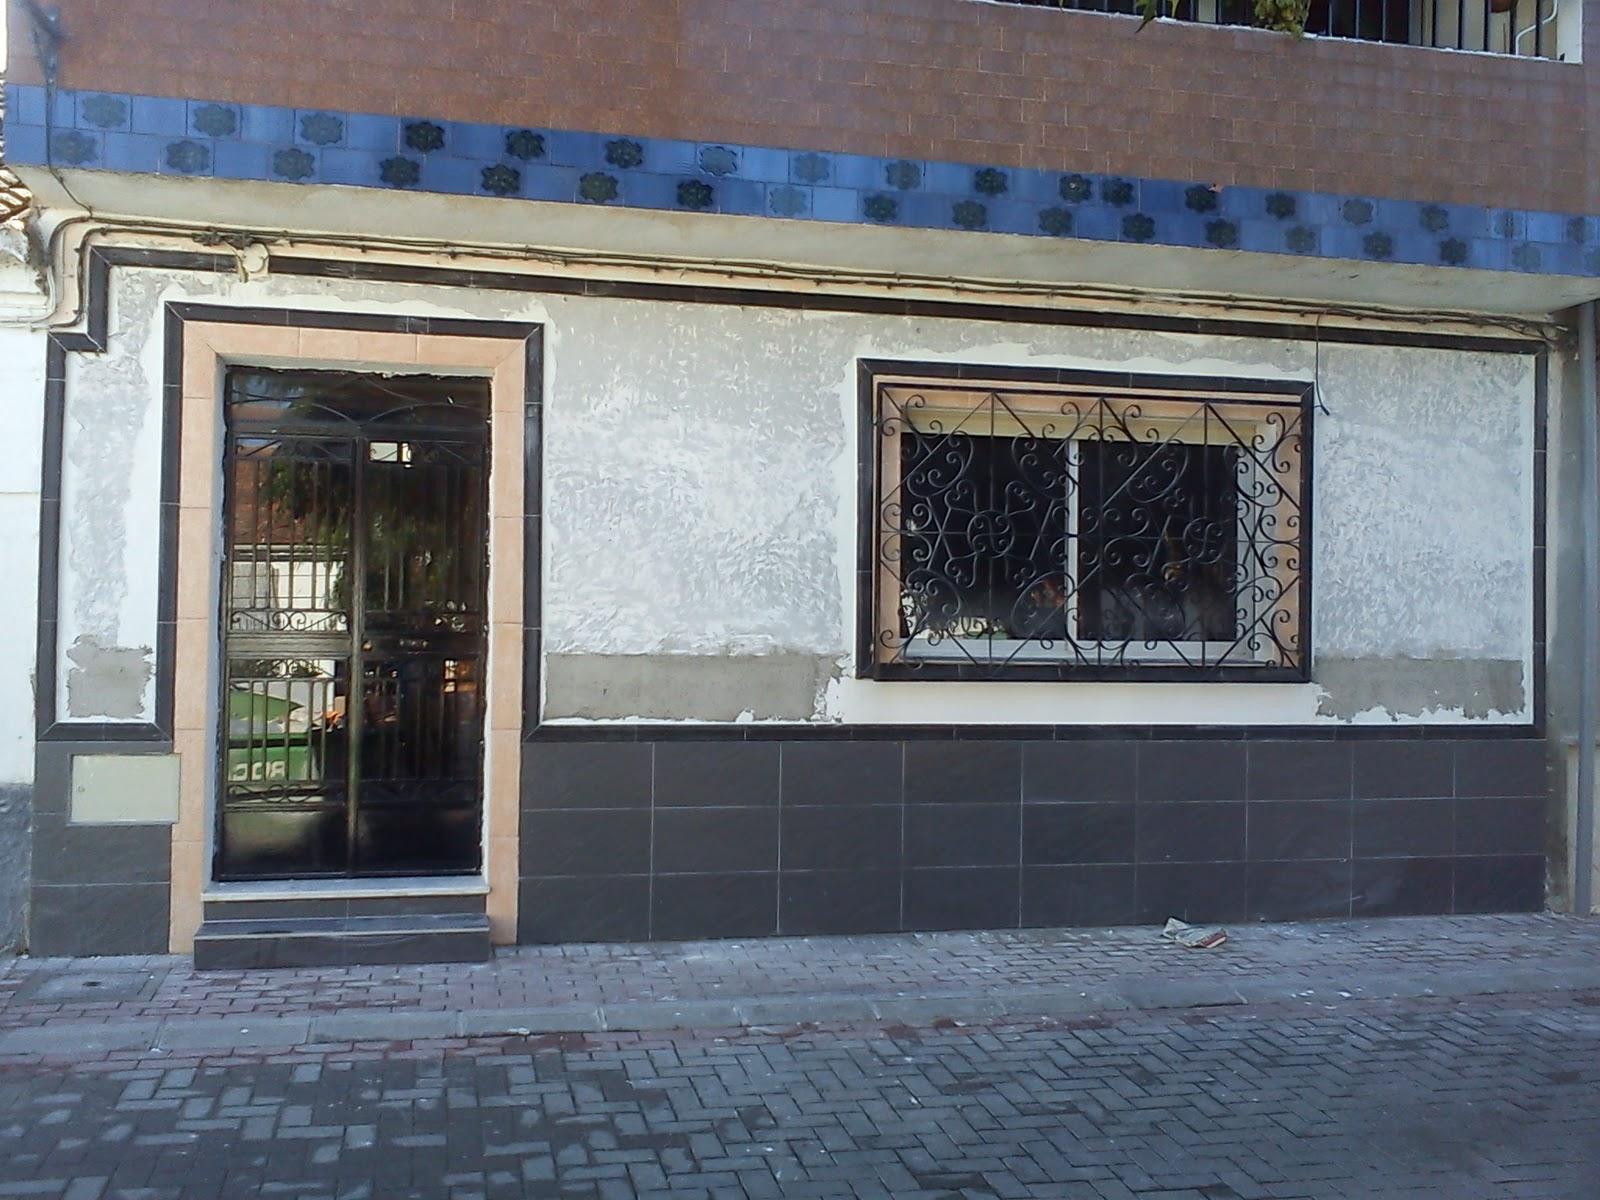 Reforma casa en dilar fachada y zocalo 2 fotos dilar - Zocalos de fachadas ...